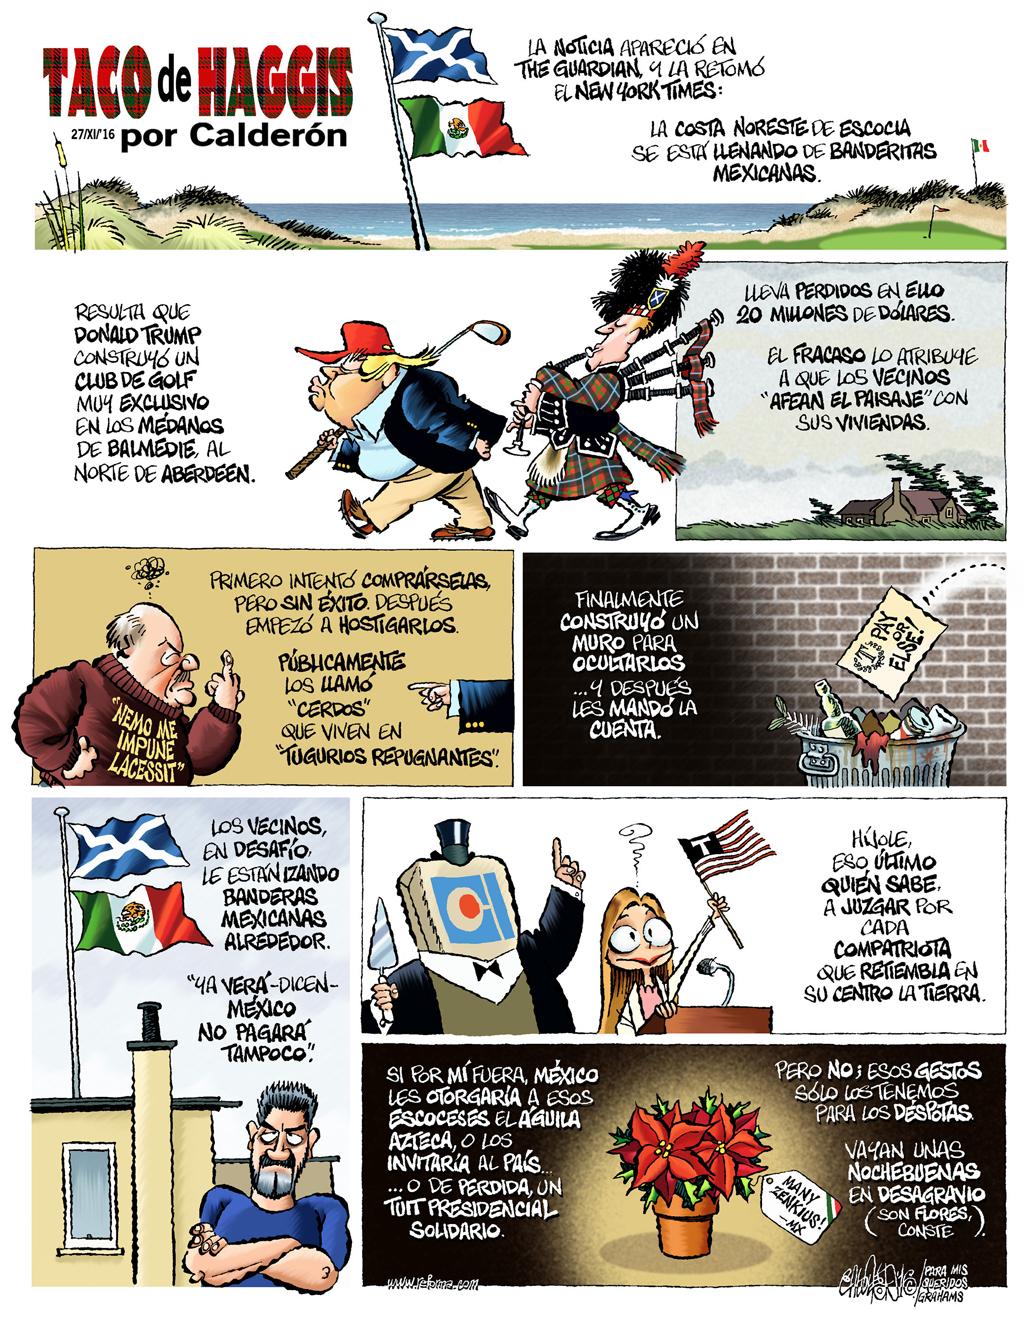 Taco de Haggis - Calderón